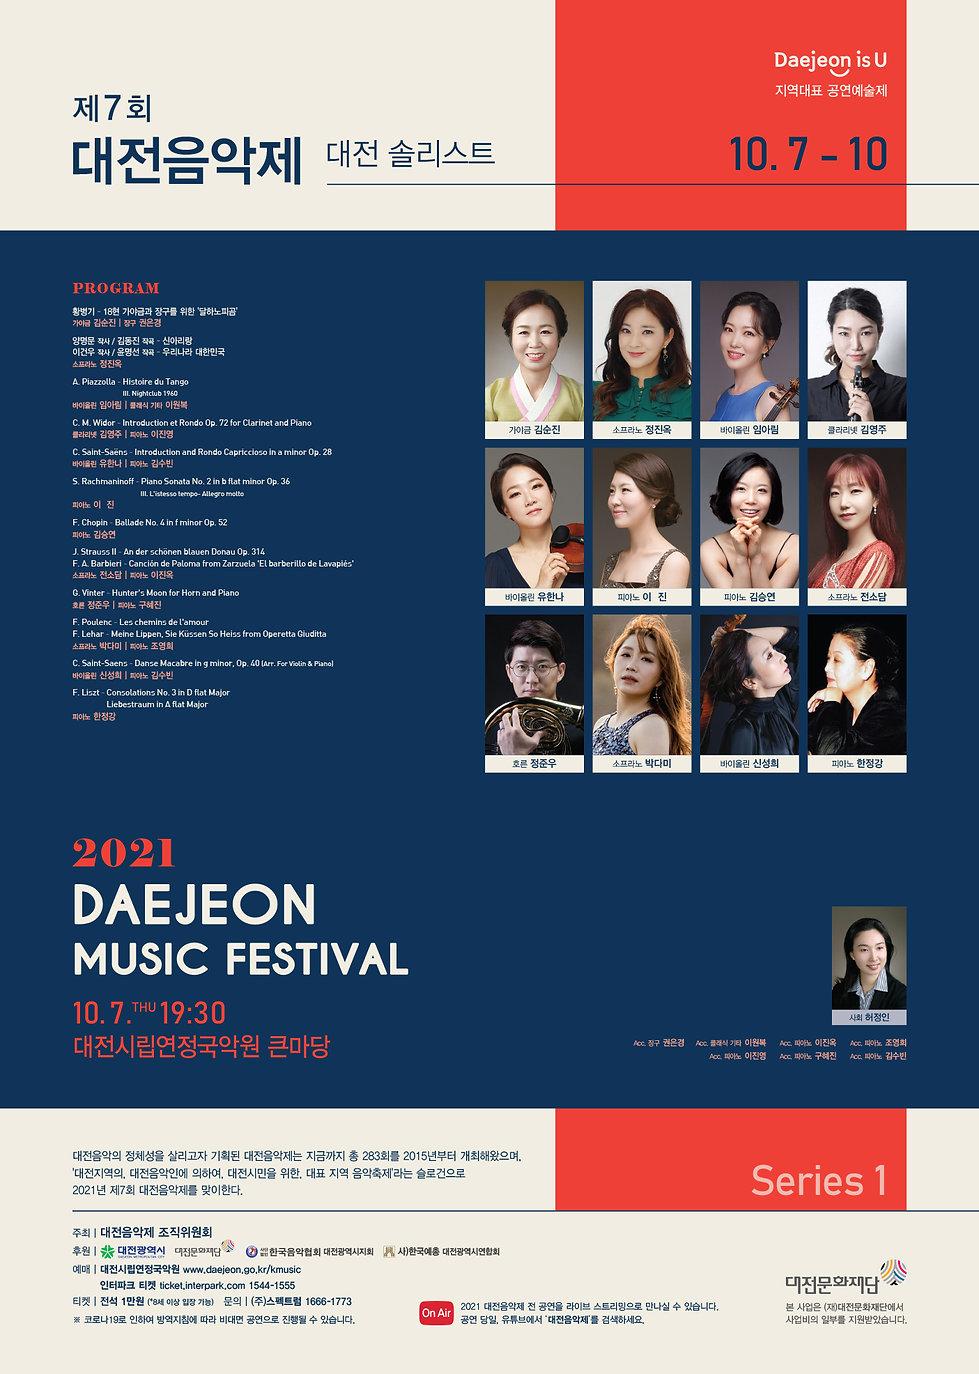 대전음악제-포스터(대전솔리스트).jpg